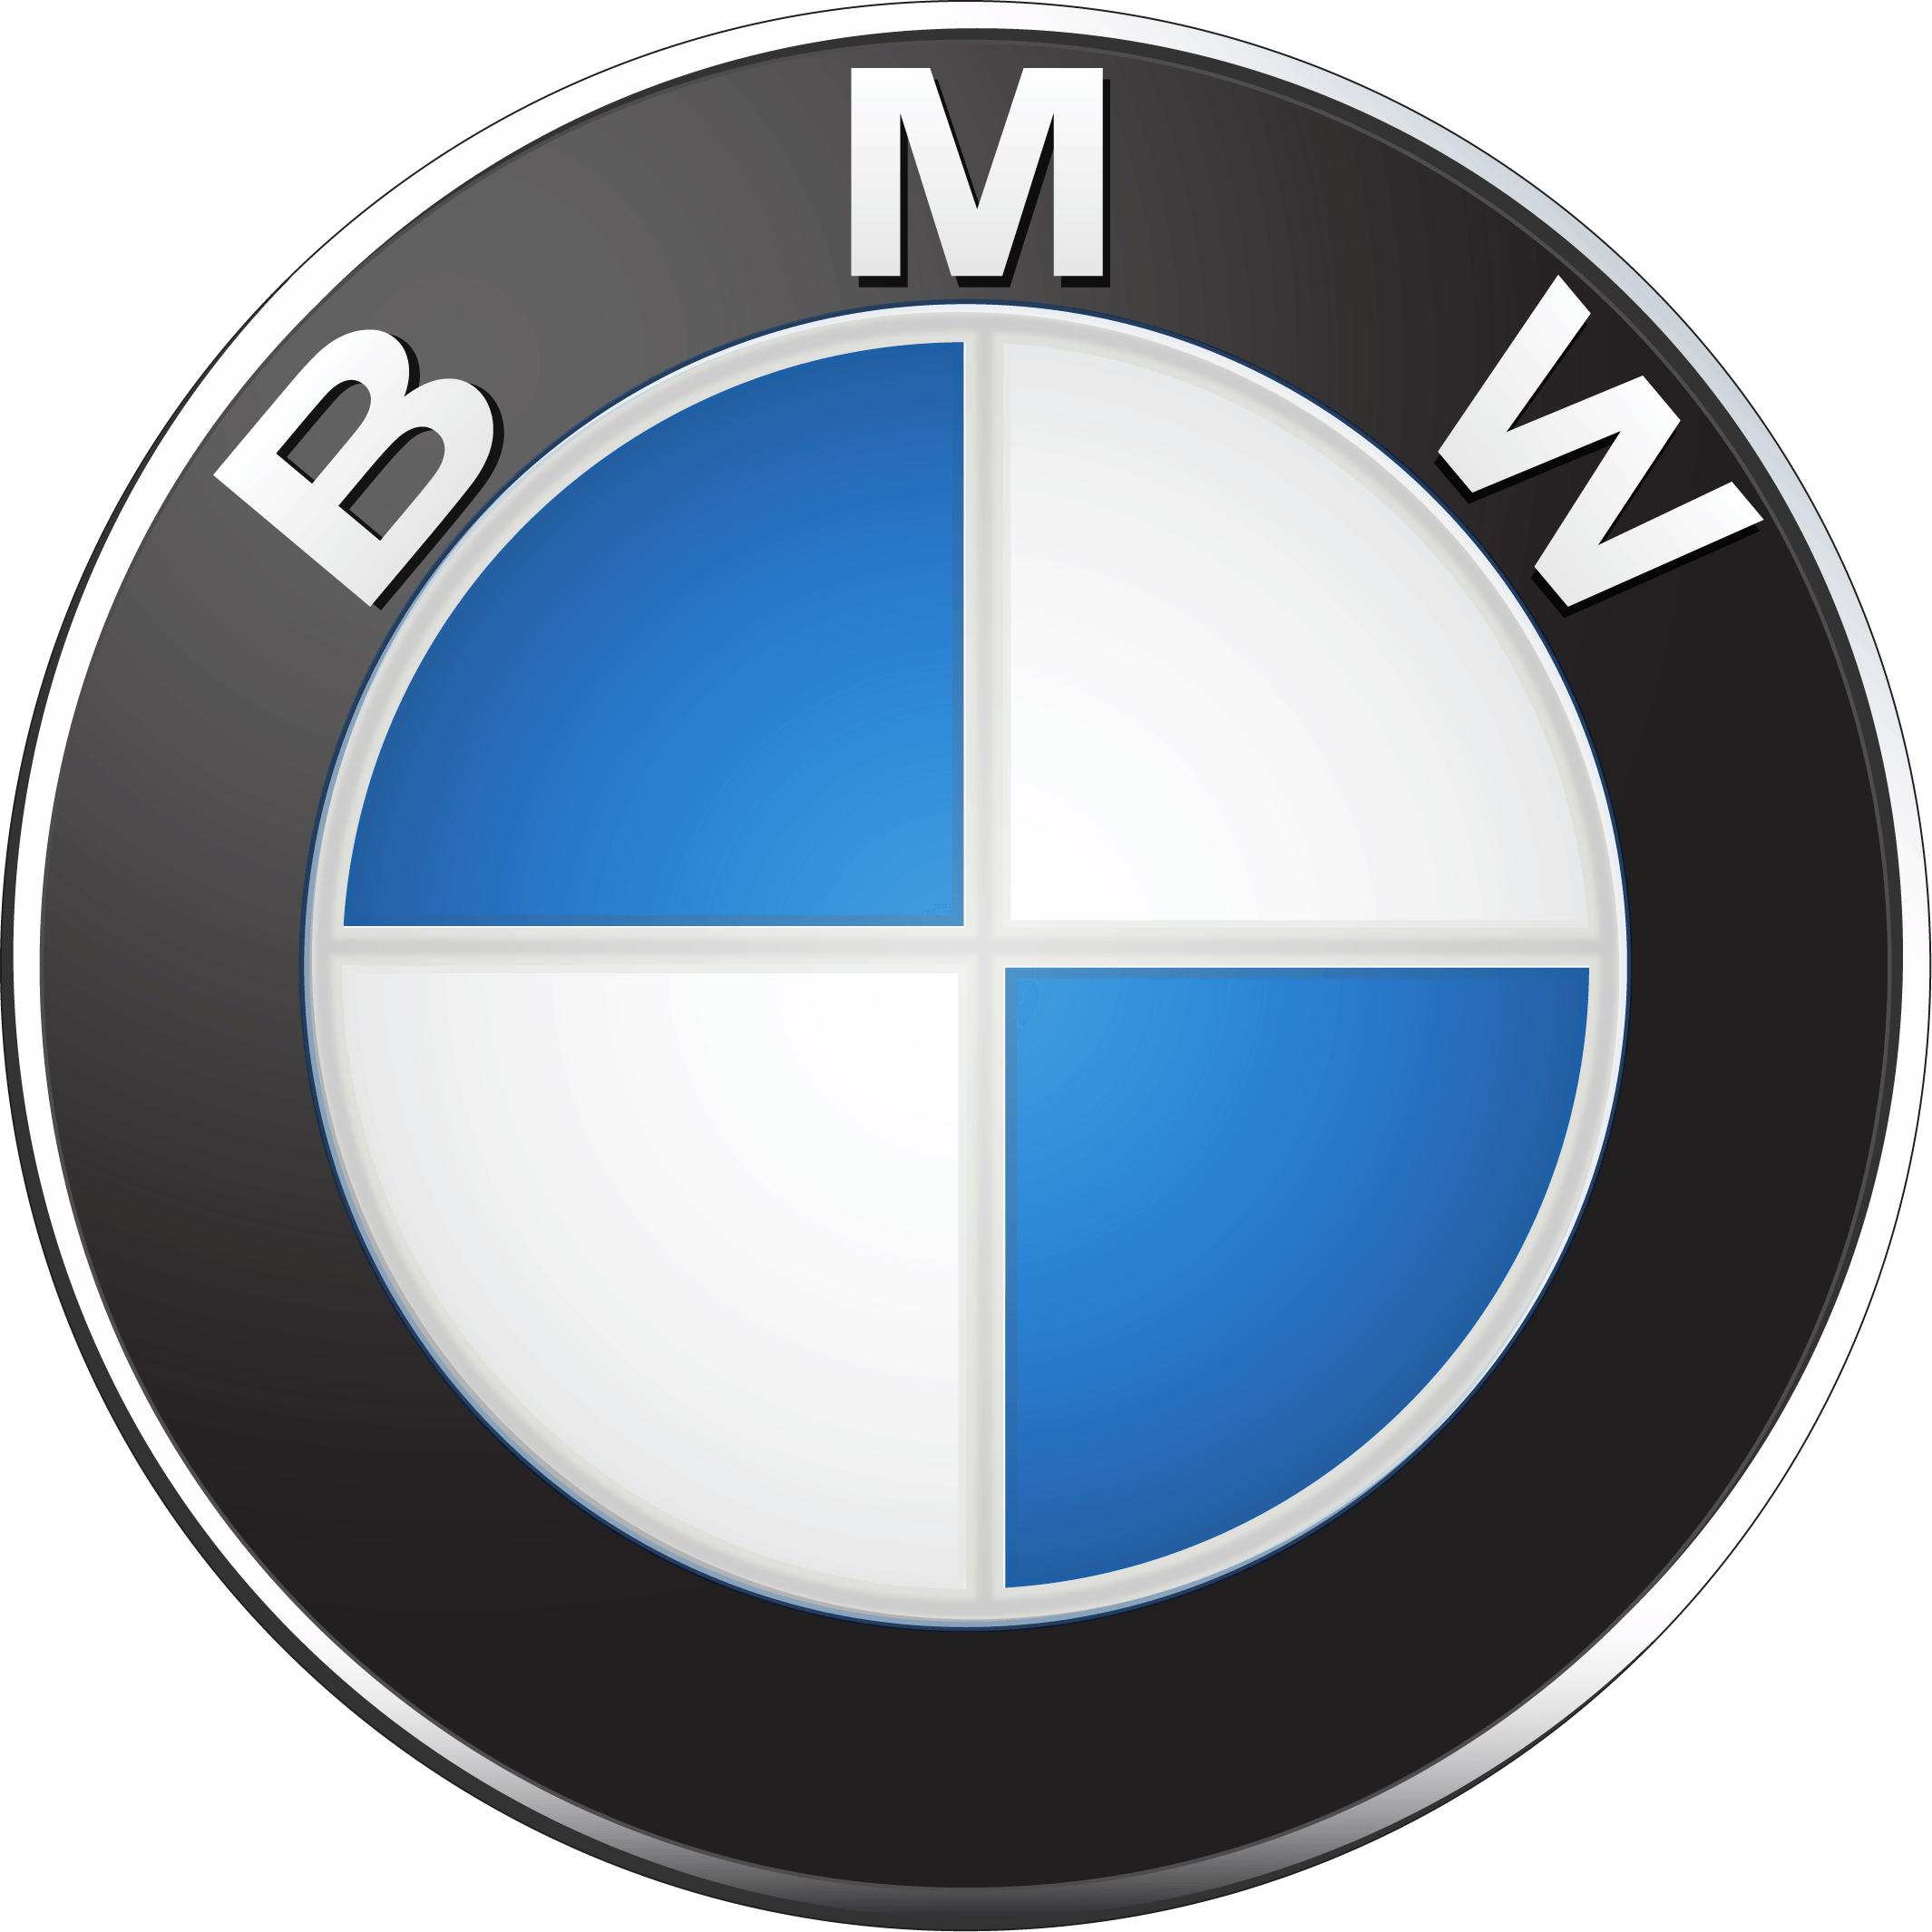 Колпак ступицы колеса BMW  36136769370